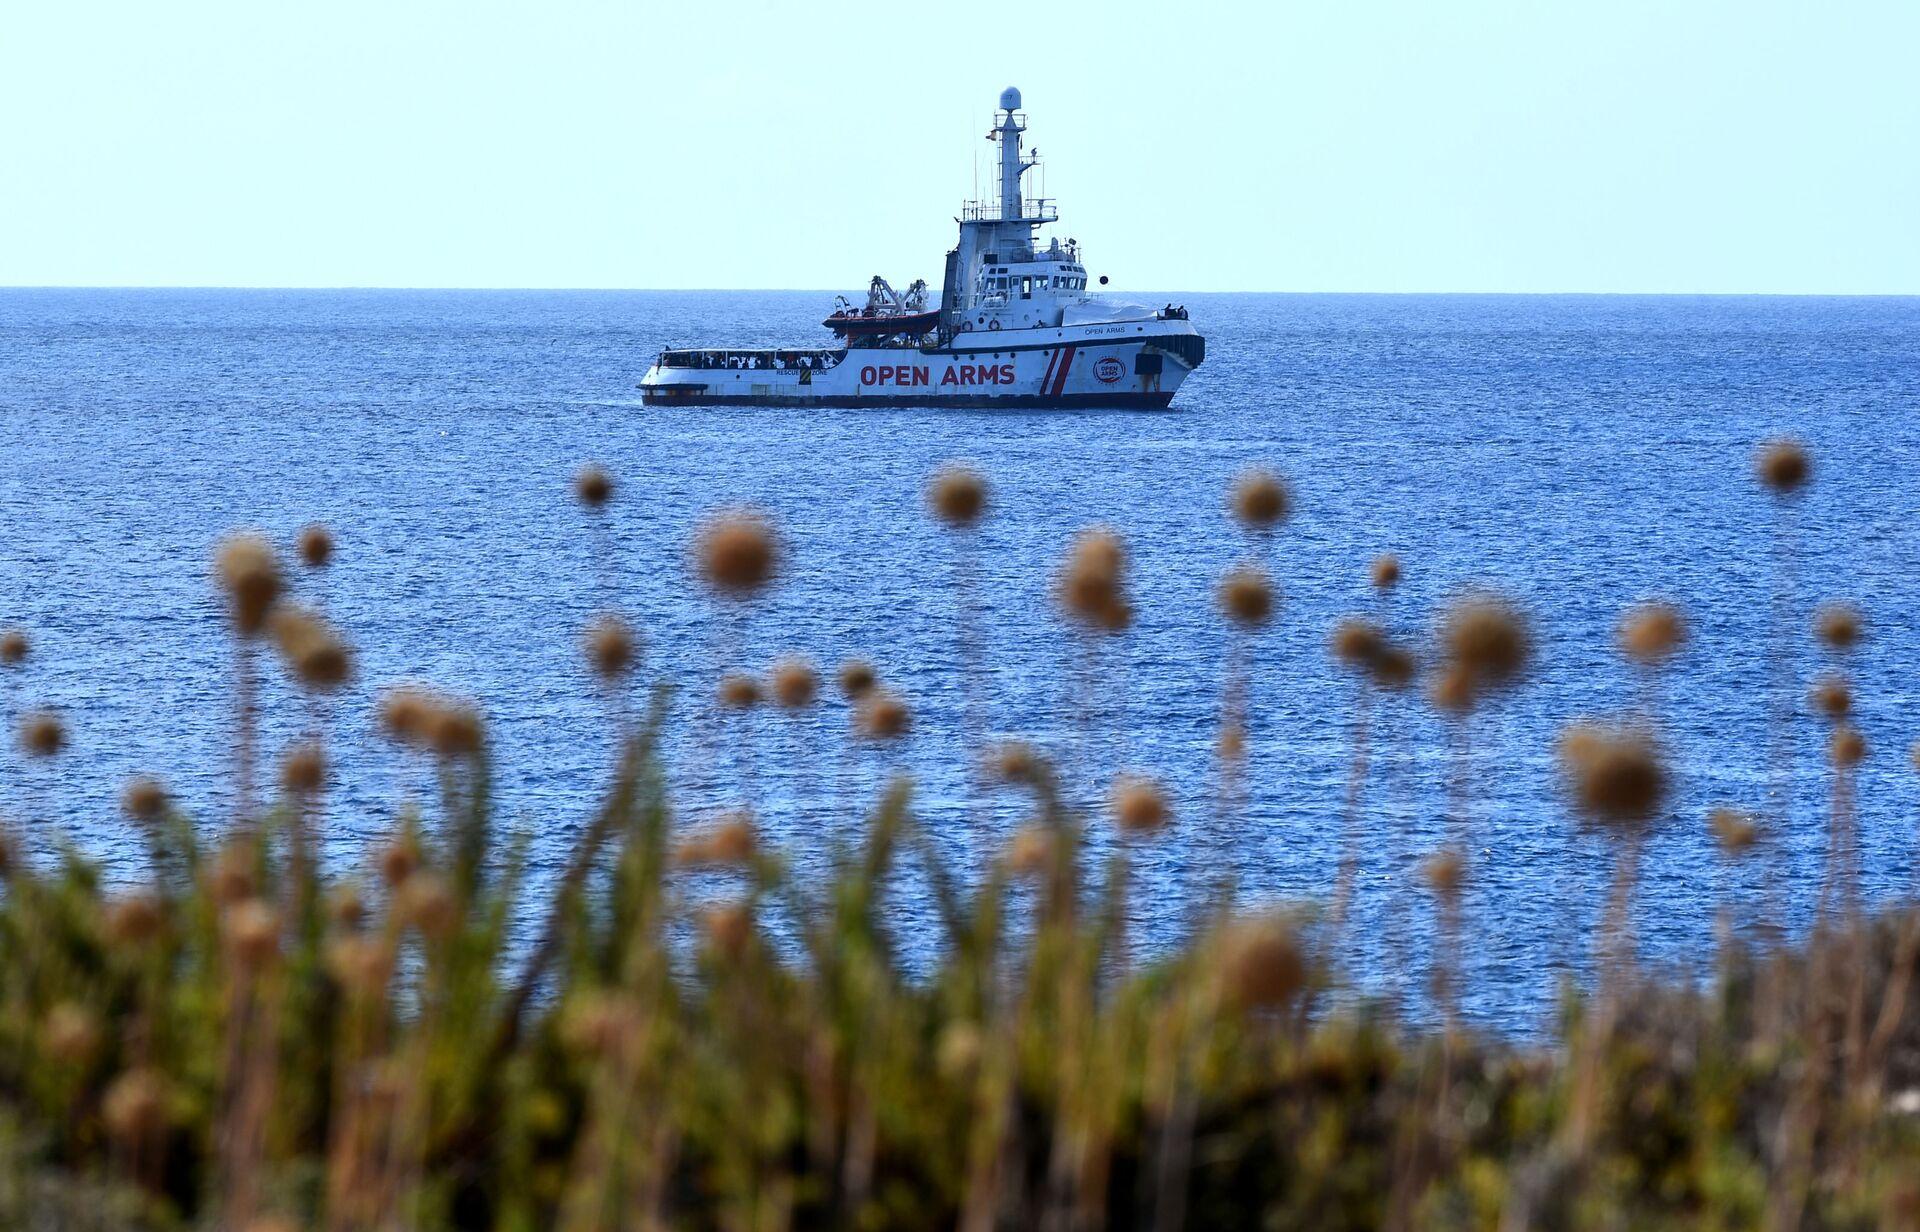 La nave Open Arms si avvicina a Lampedusa - Sputnik Italia, 1920, 18.05.2021